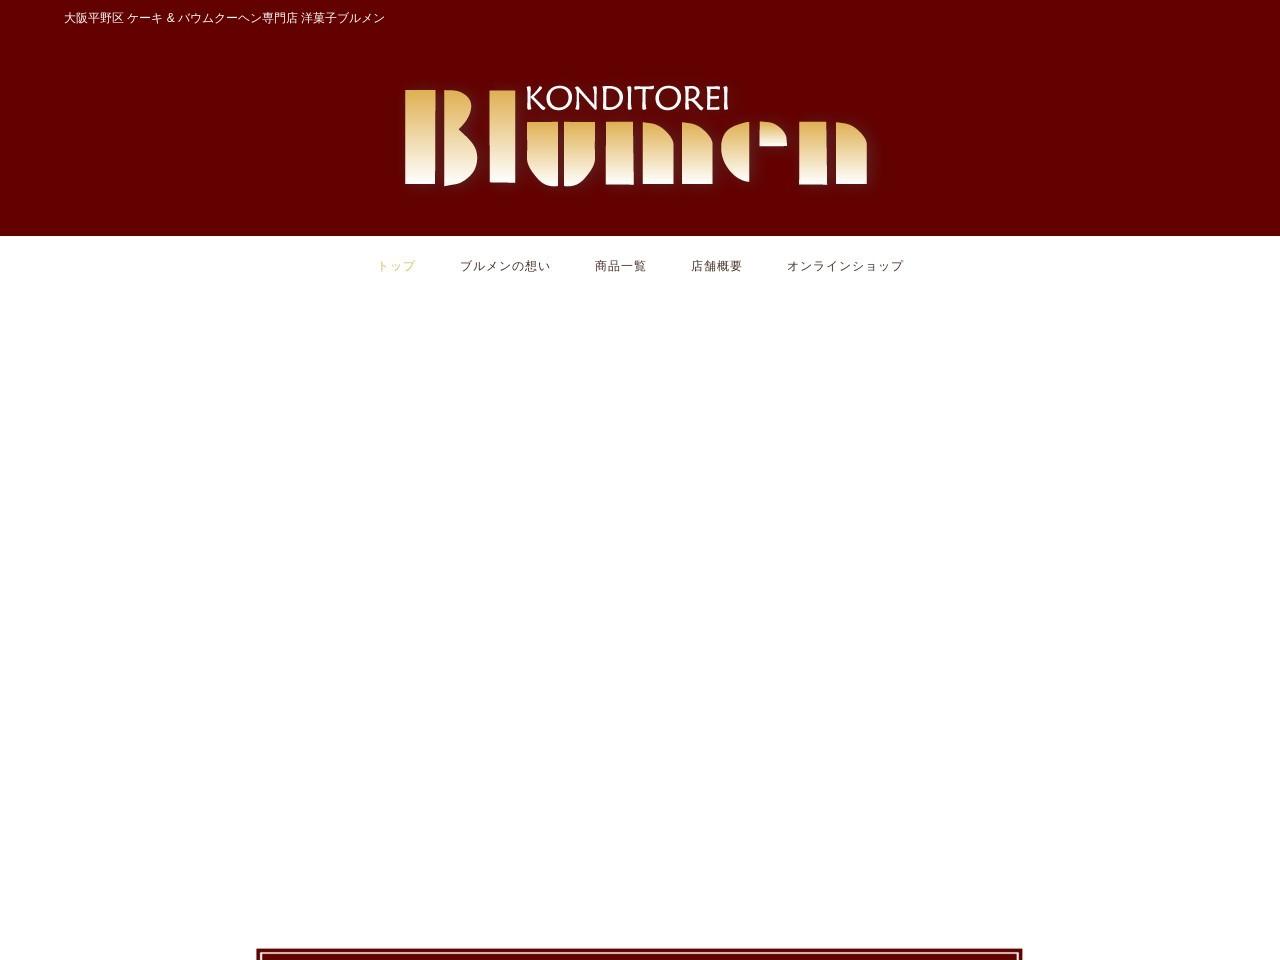 株式会社洋菓子ブルメン/イズミヤ平野店